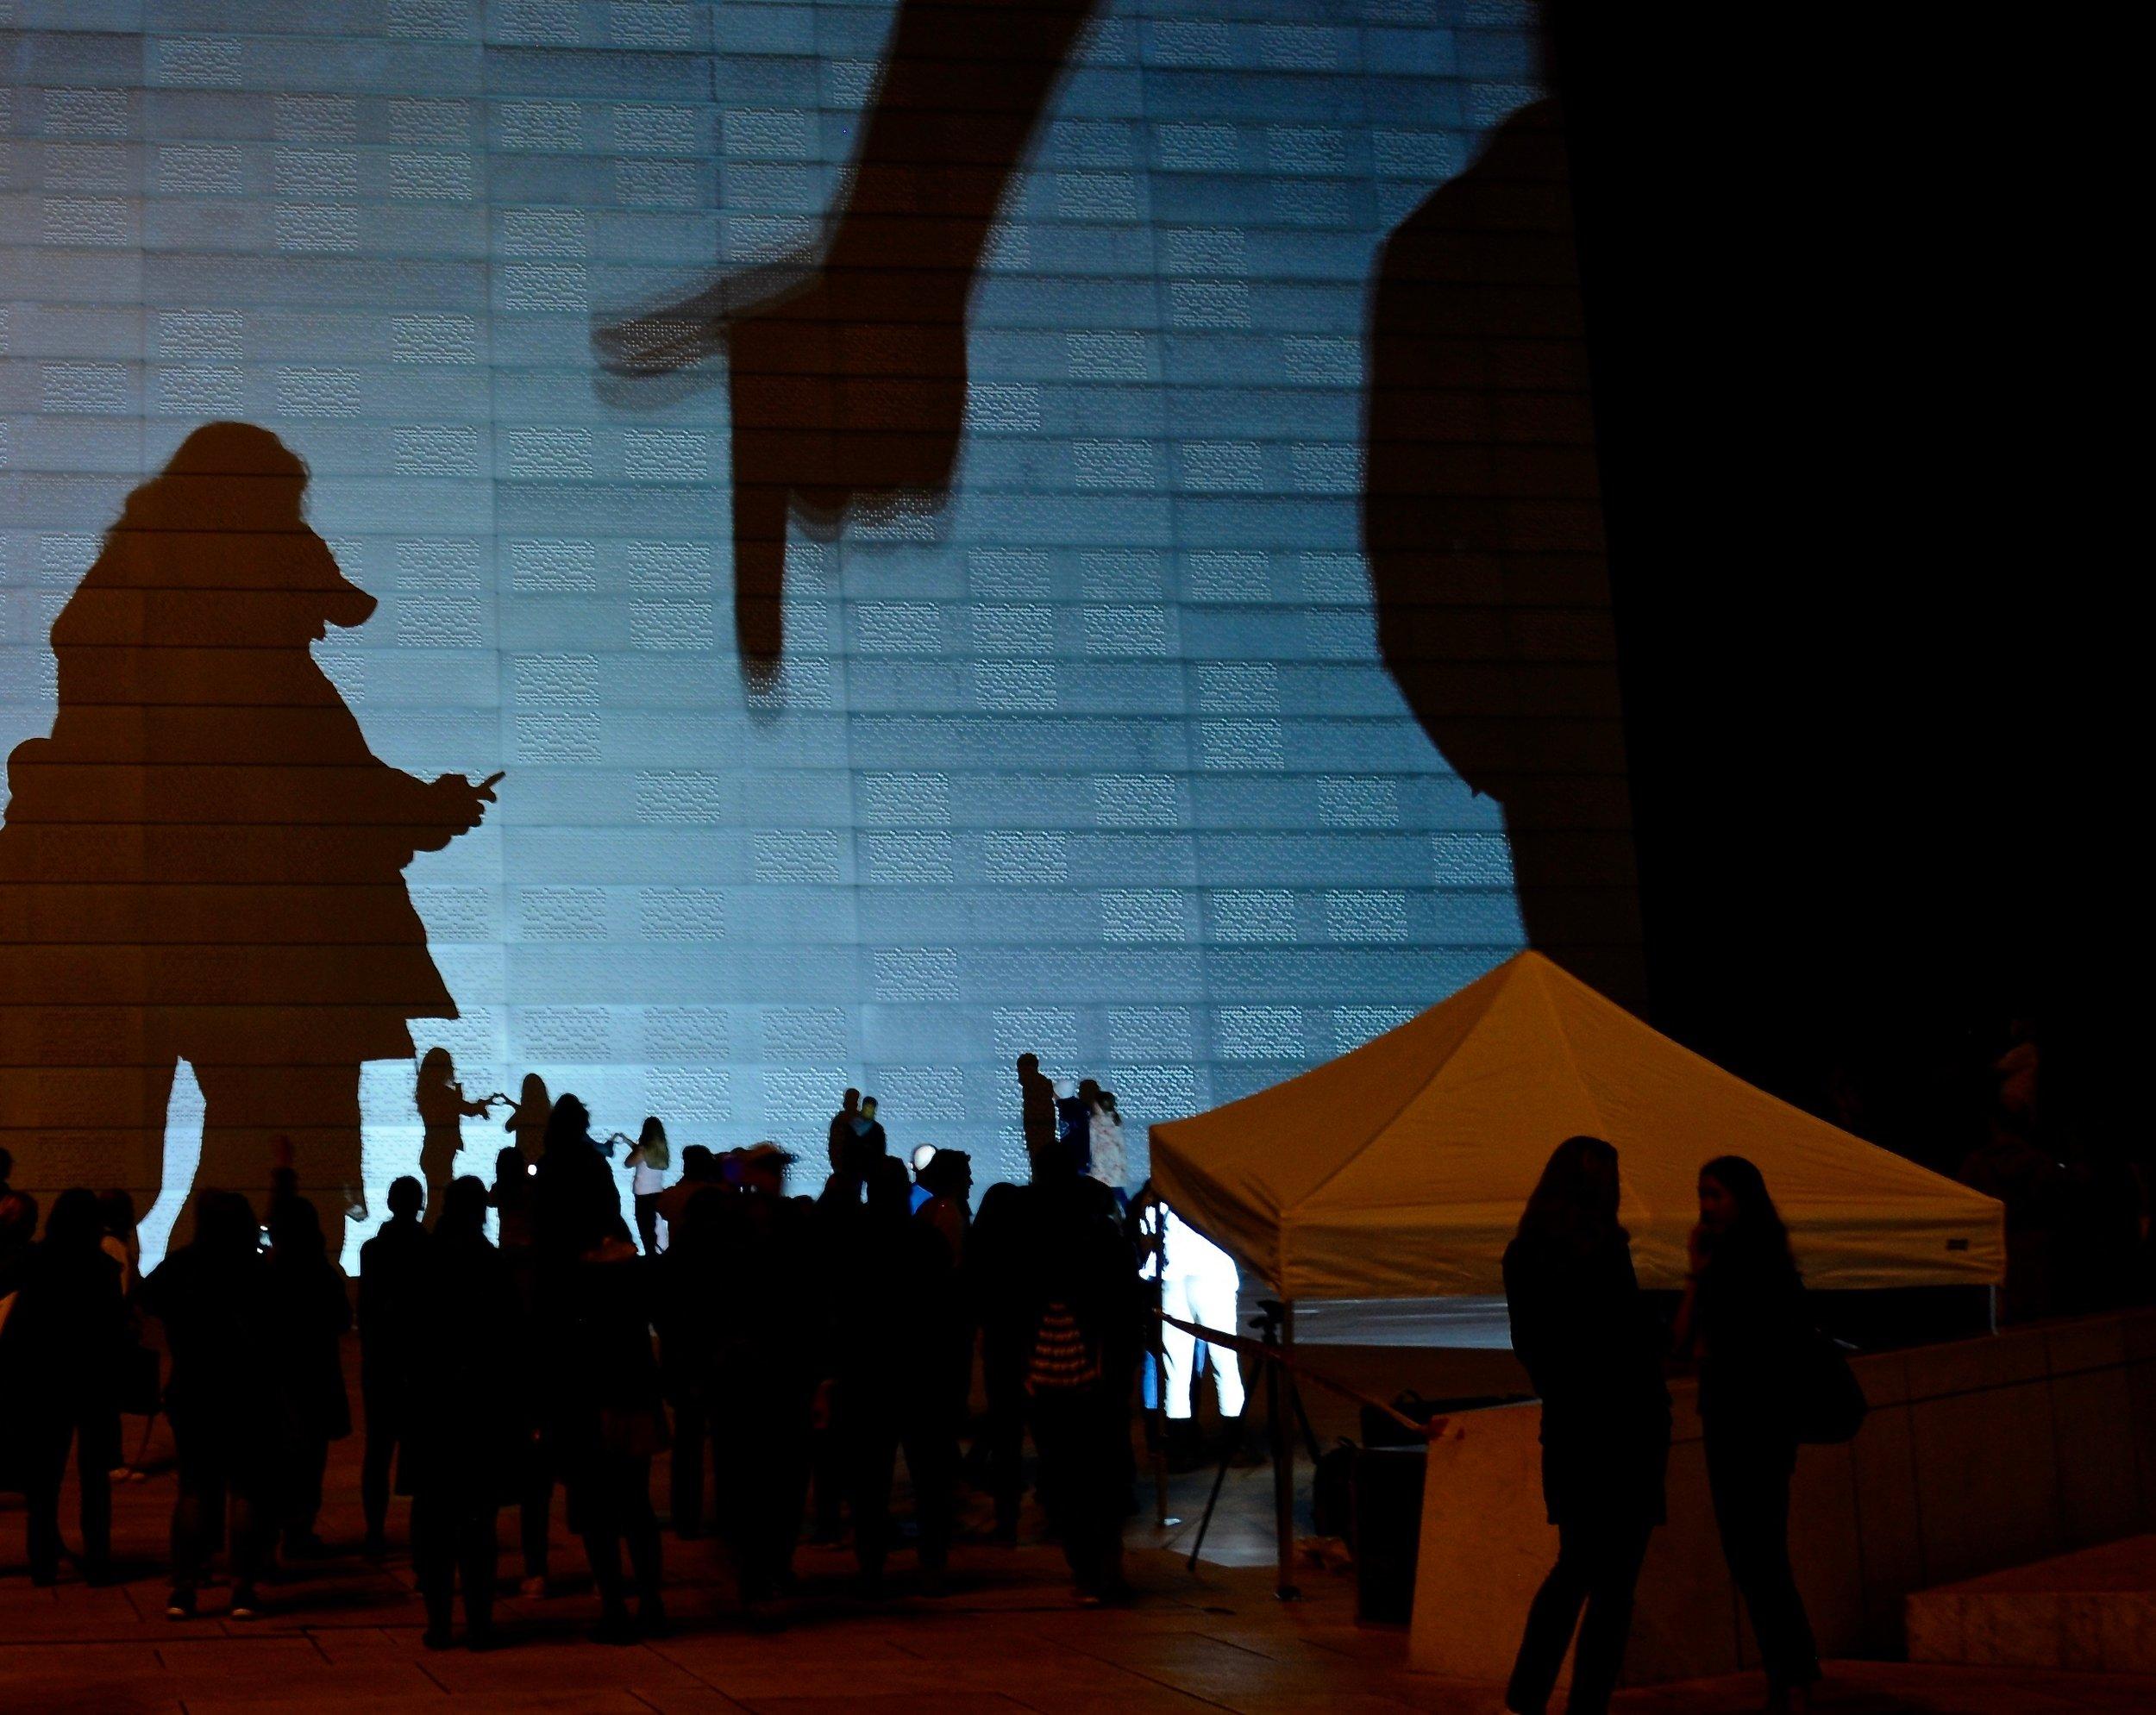 Publikum ble oppfordret til å la sin egen skygge  bli en deltaker i animasjonen - til å bli med på leken.